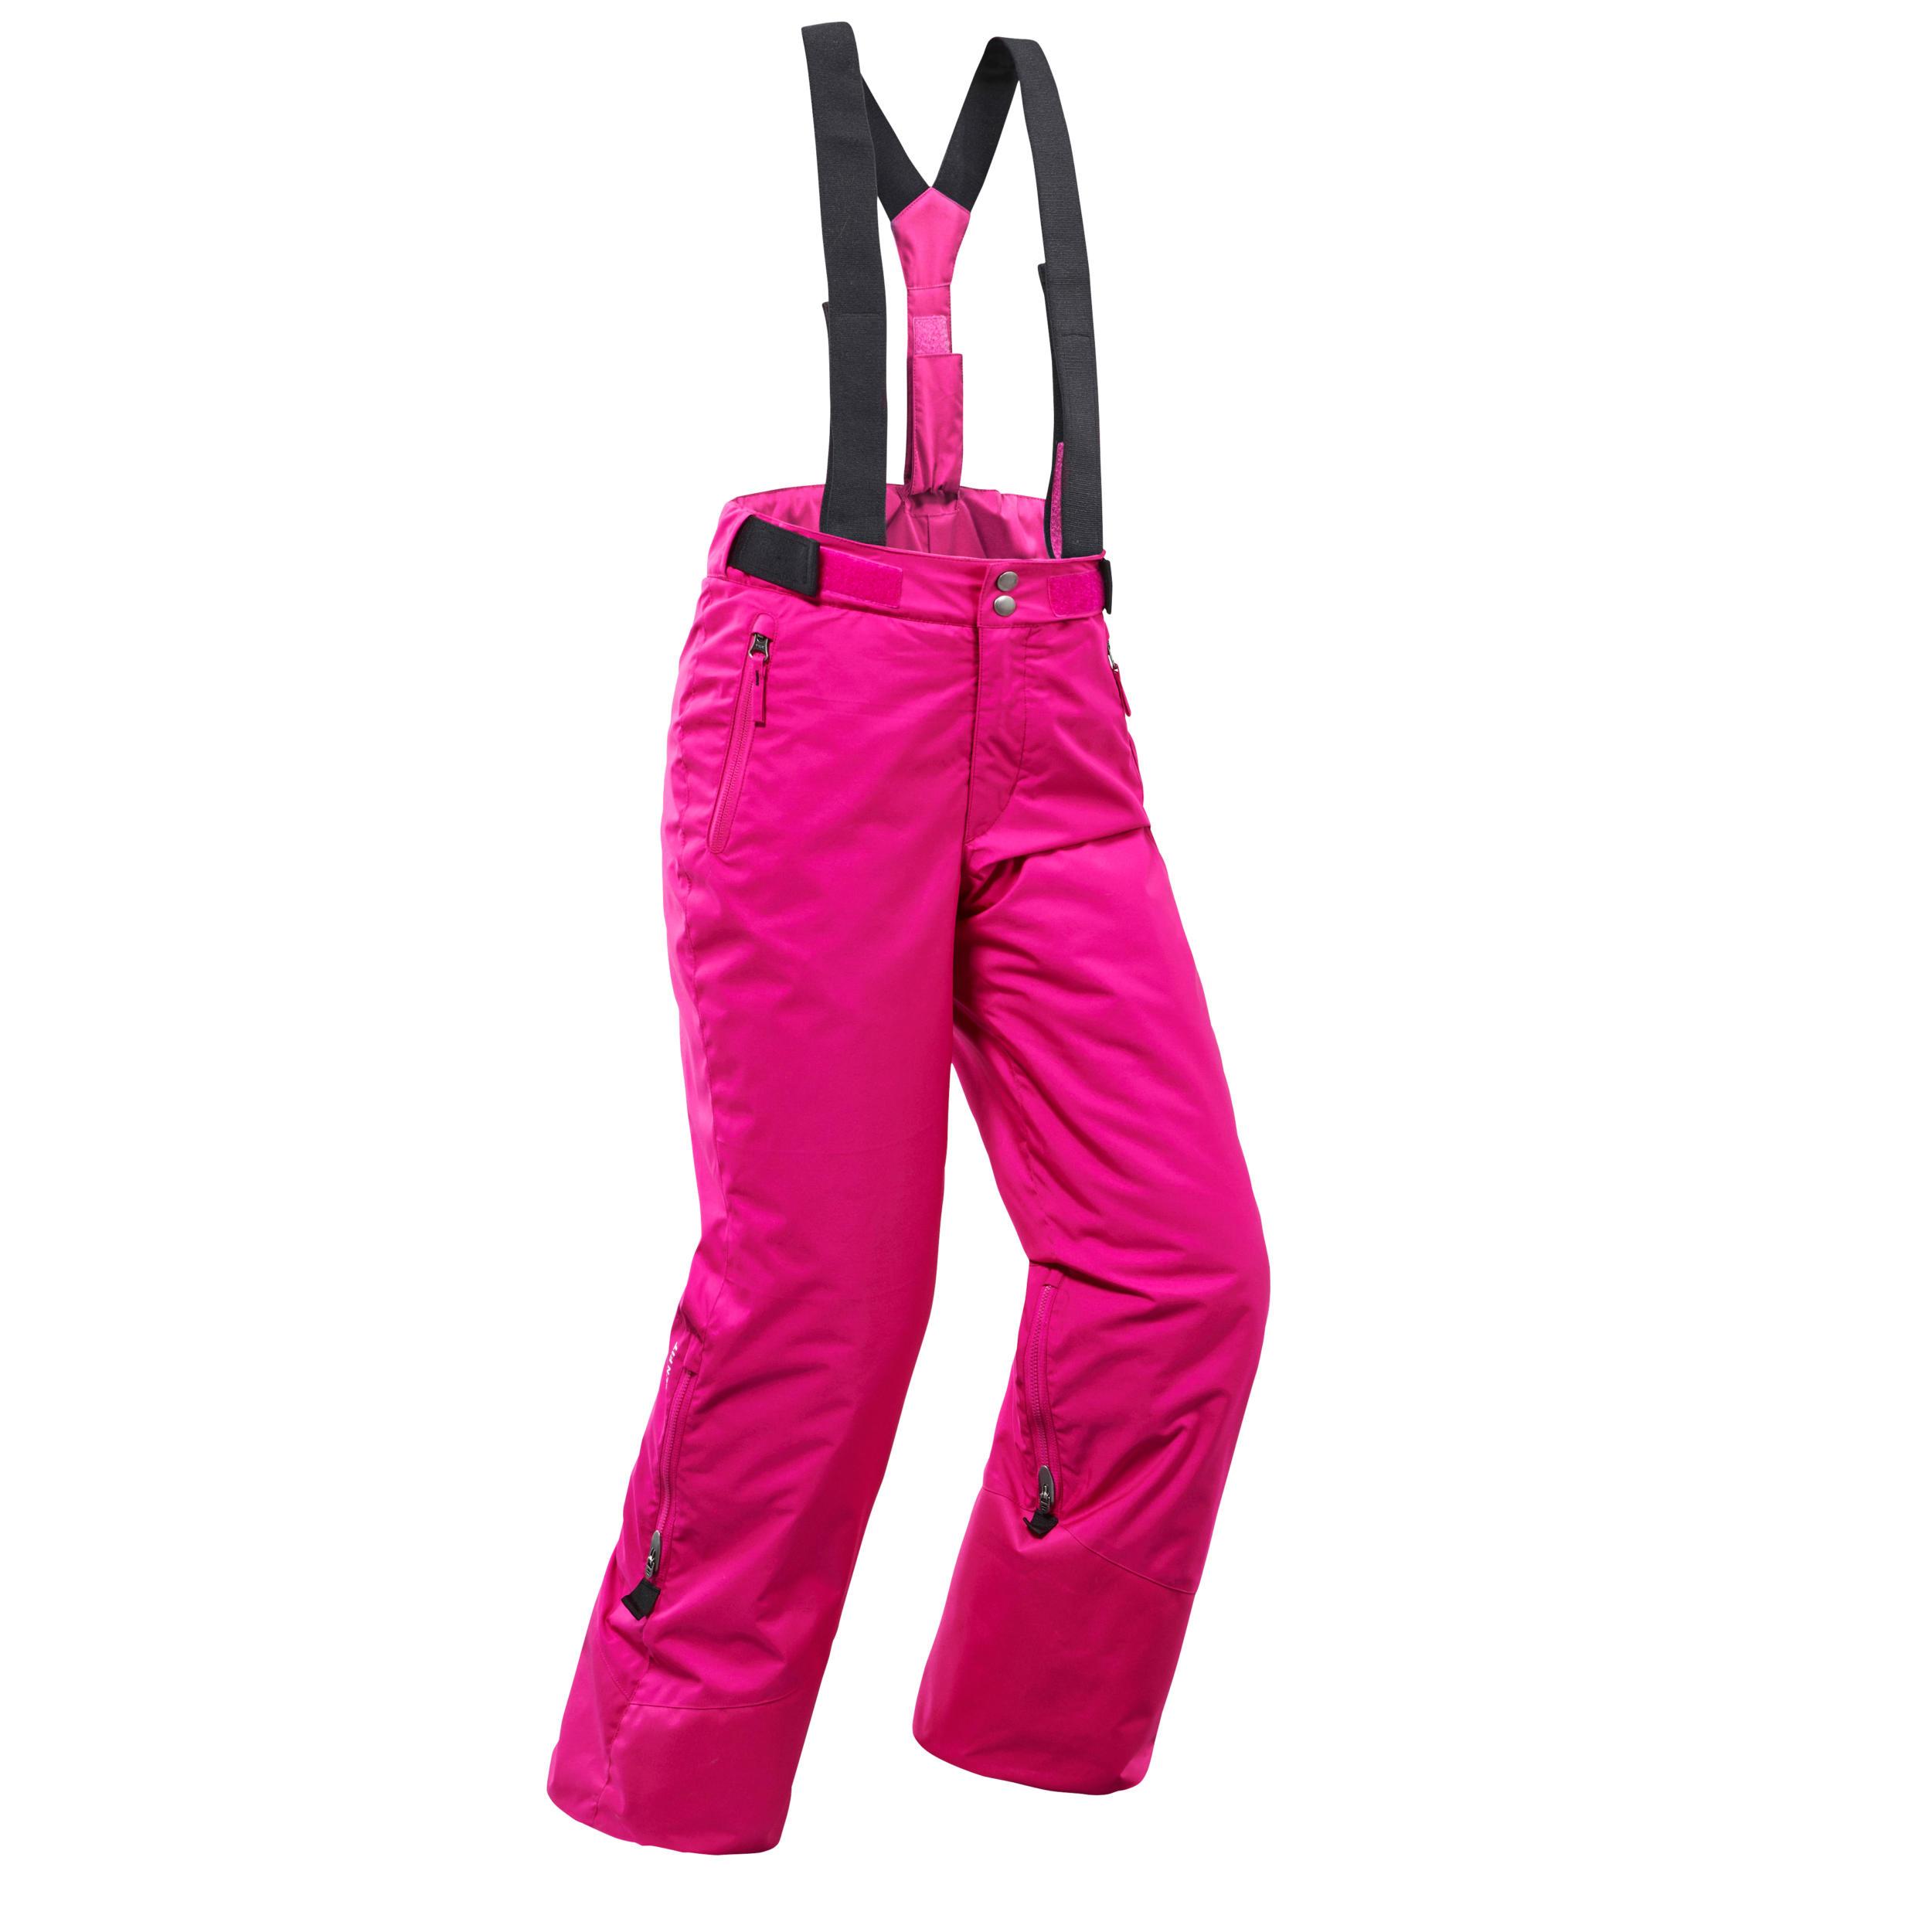 Venta Pantalones Termicos Nino Decathlon En Stock